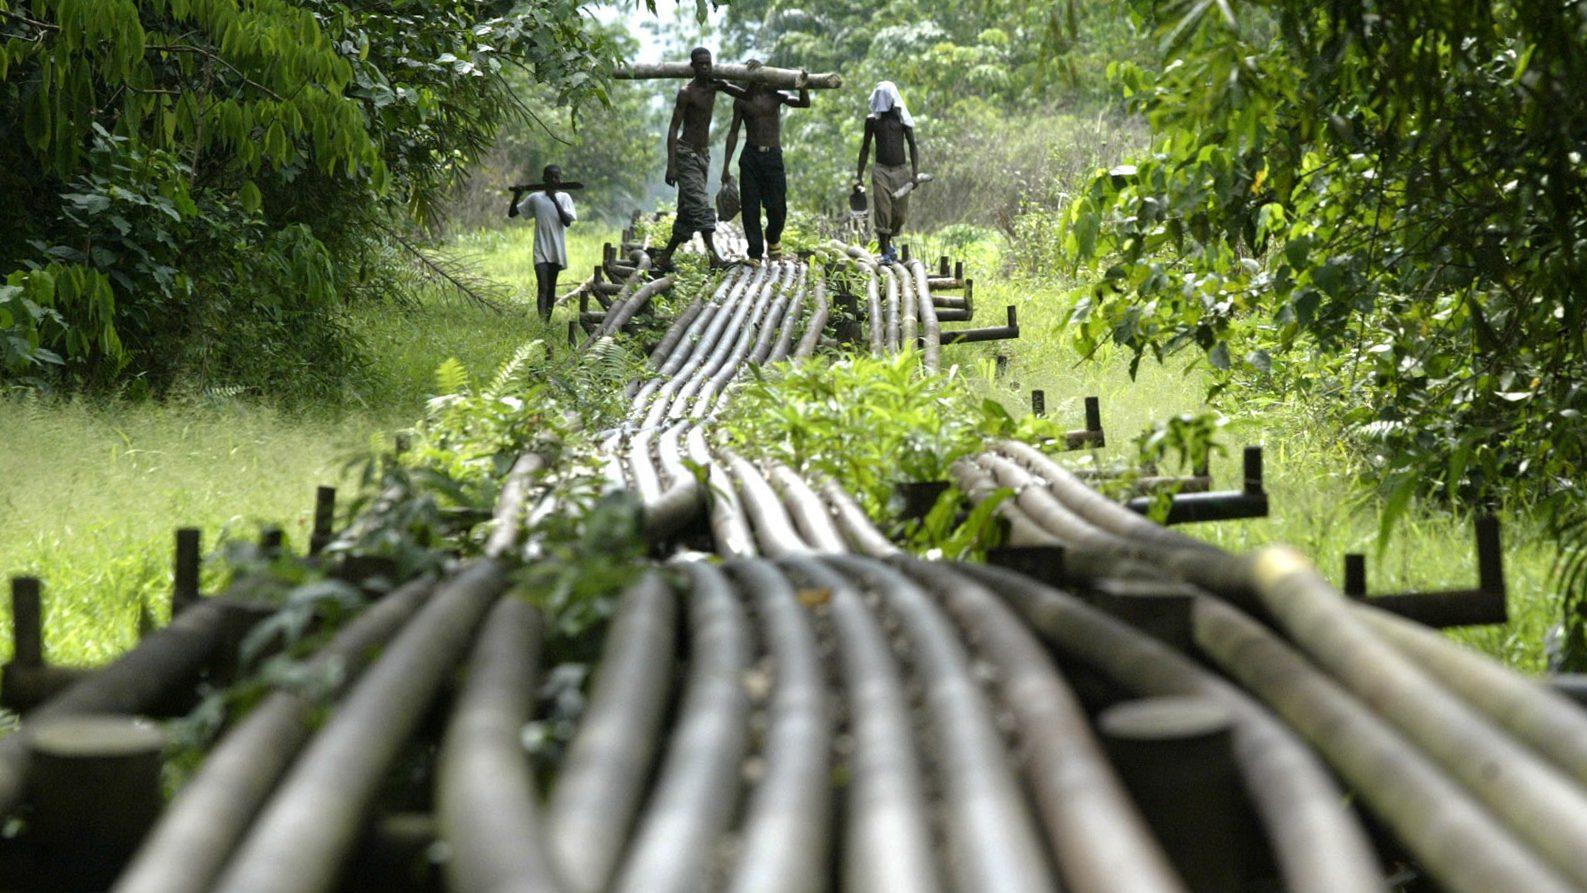 APTOPIX NIGERIA OIL UNREST